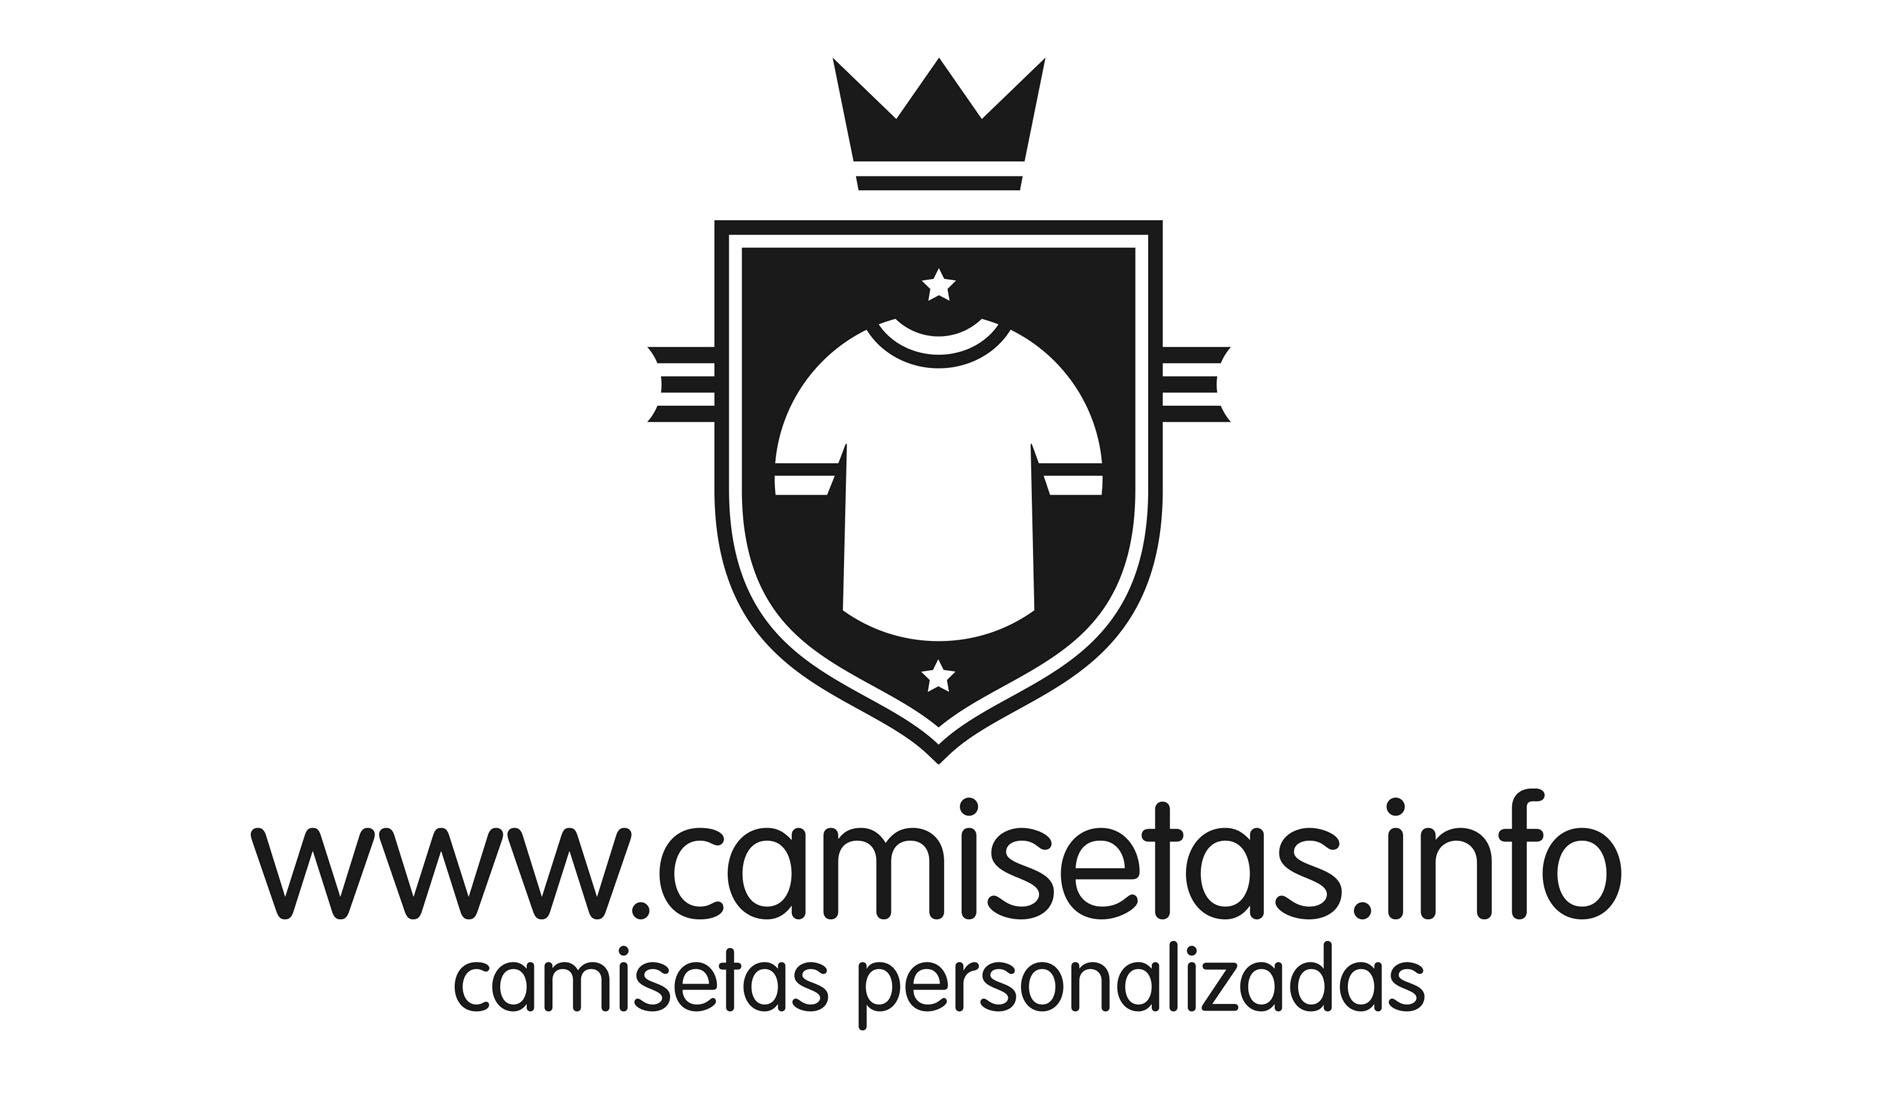 044905941bfe2 La empresa Camisetas.info abre su segundo showroom ...